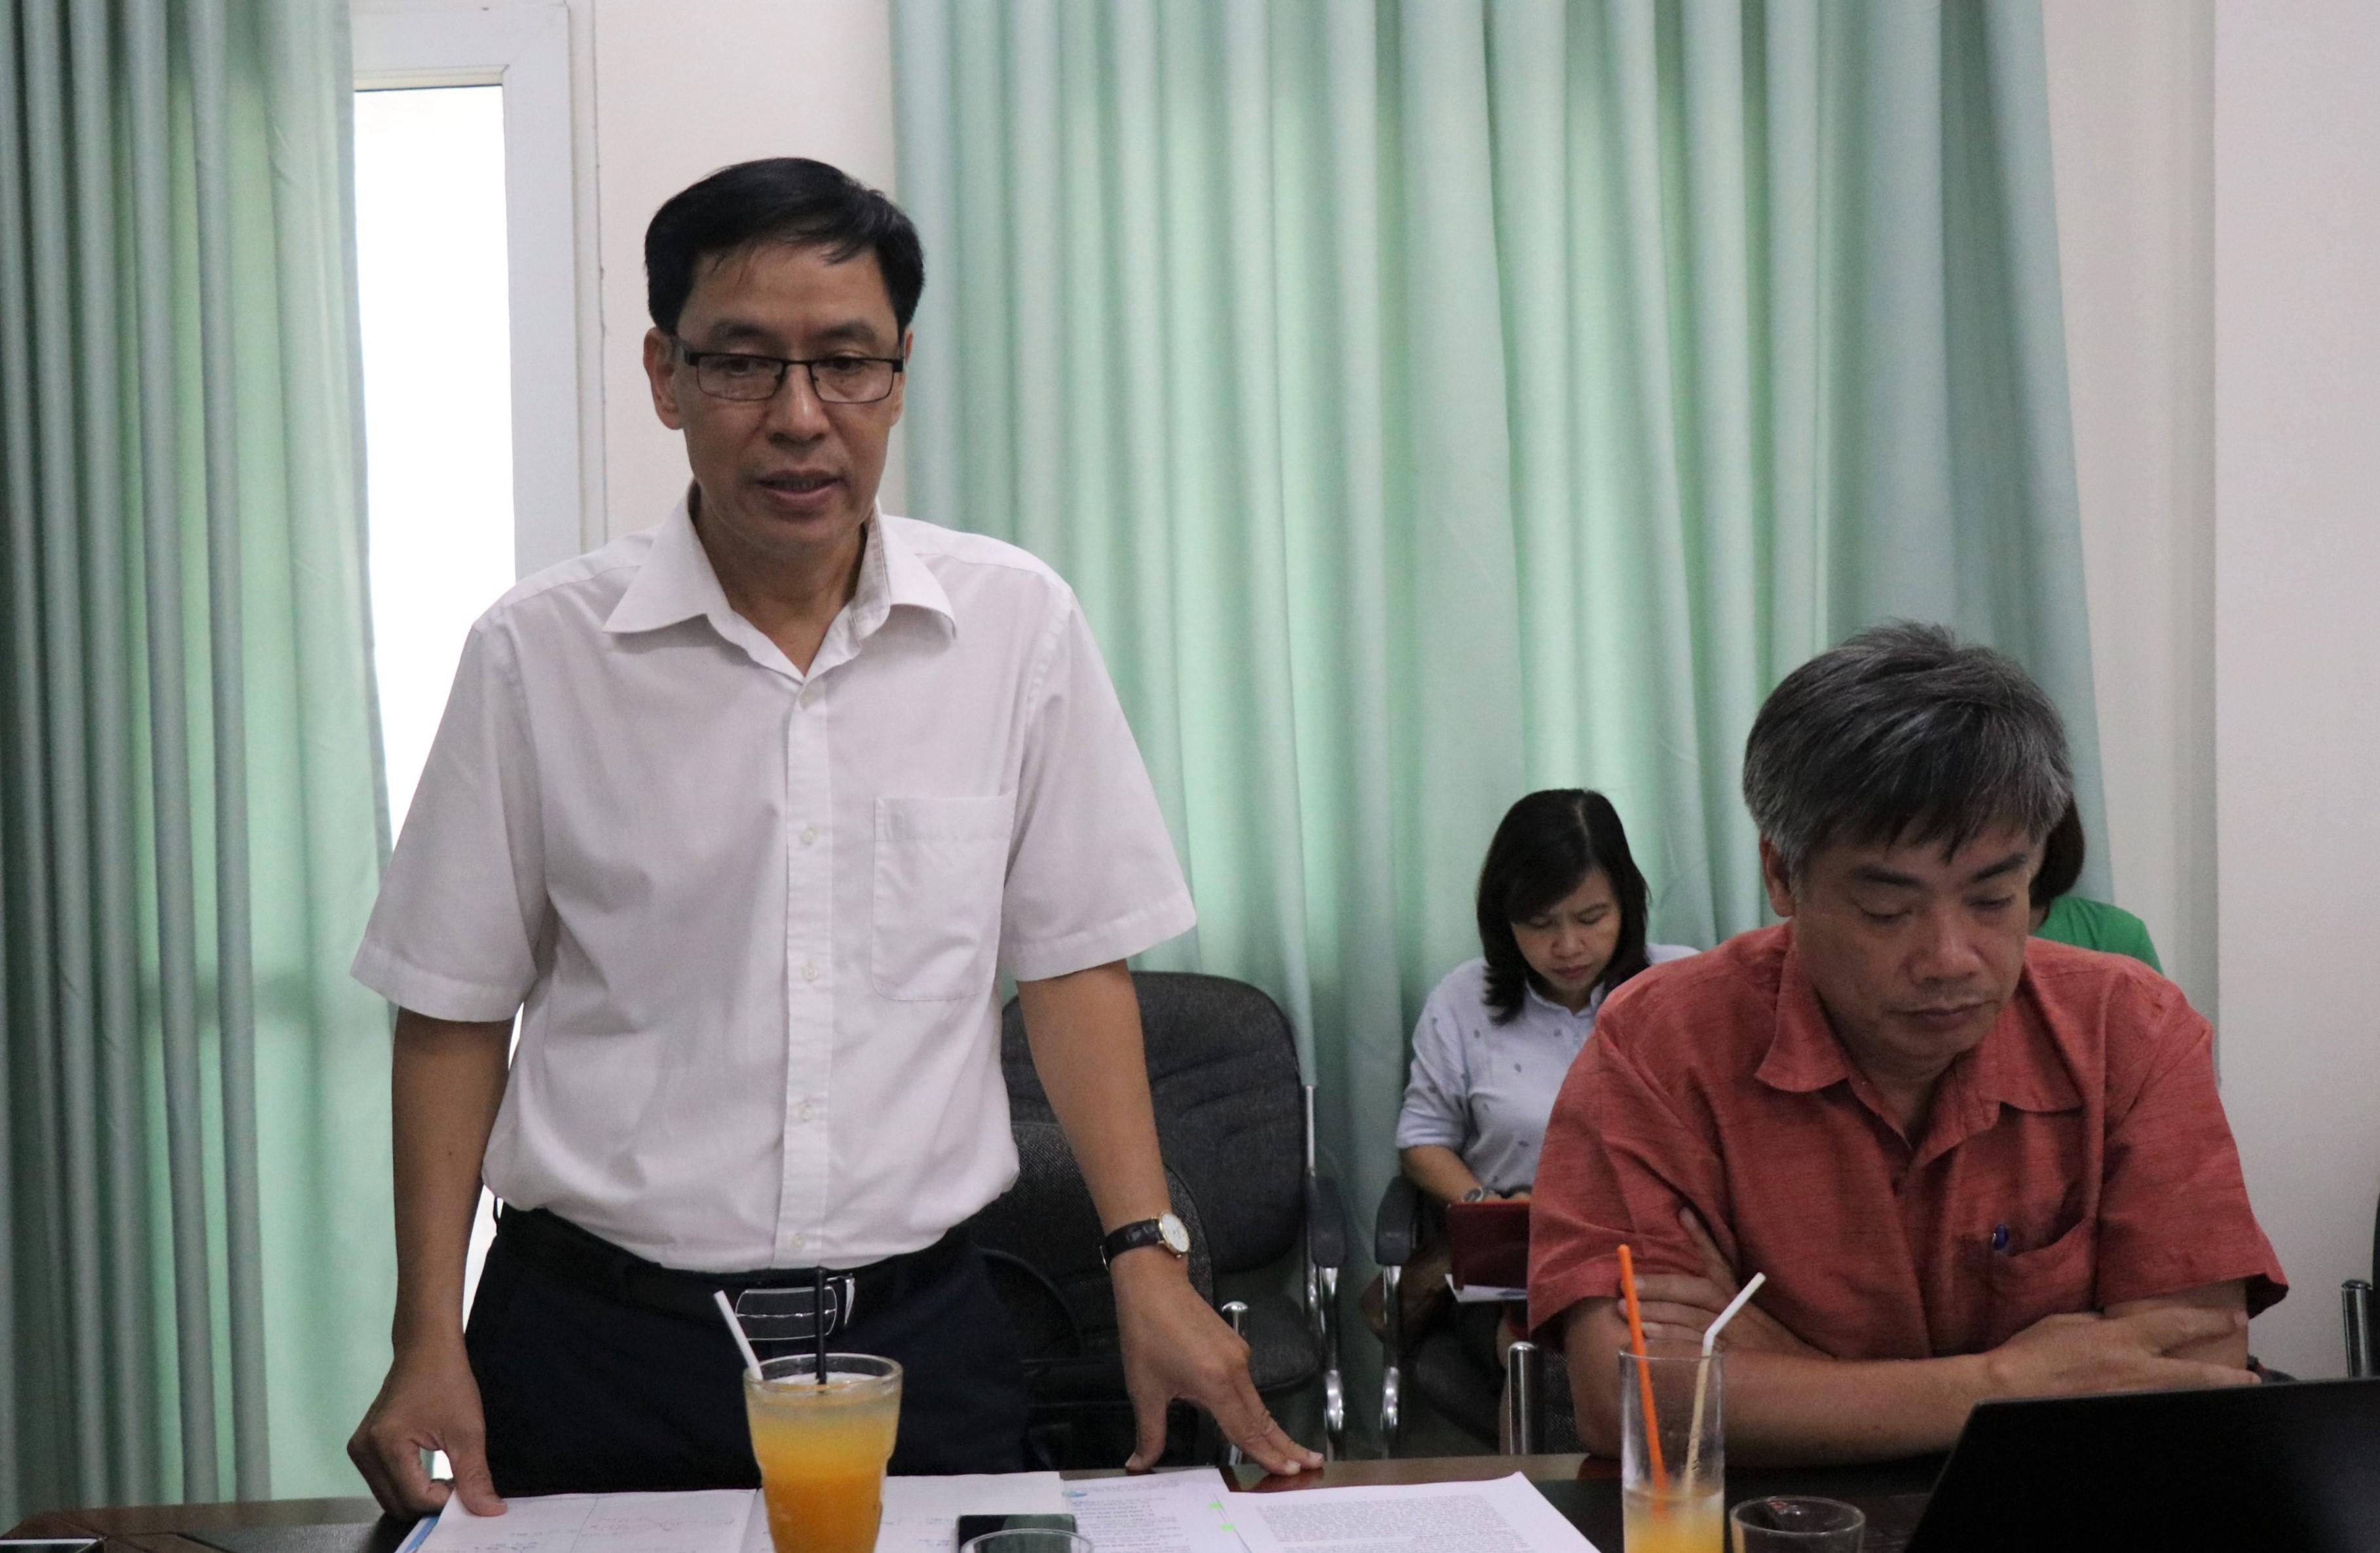 Cục Y tế dự phòng kiểm tra công tác phòng chống dịch bệnh tại Đắk Lắk